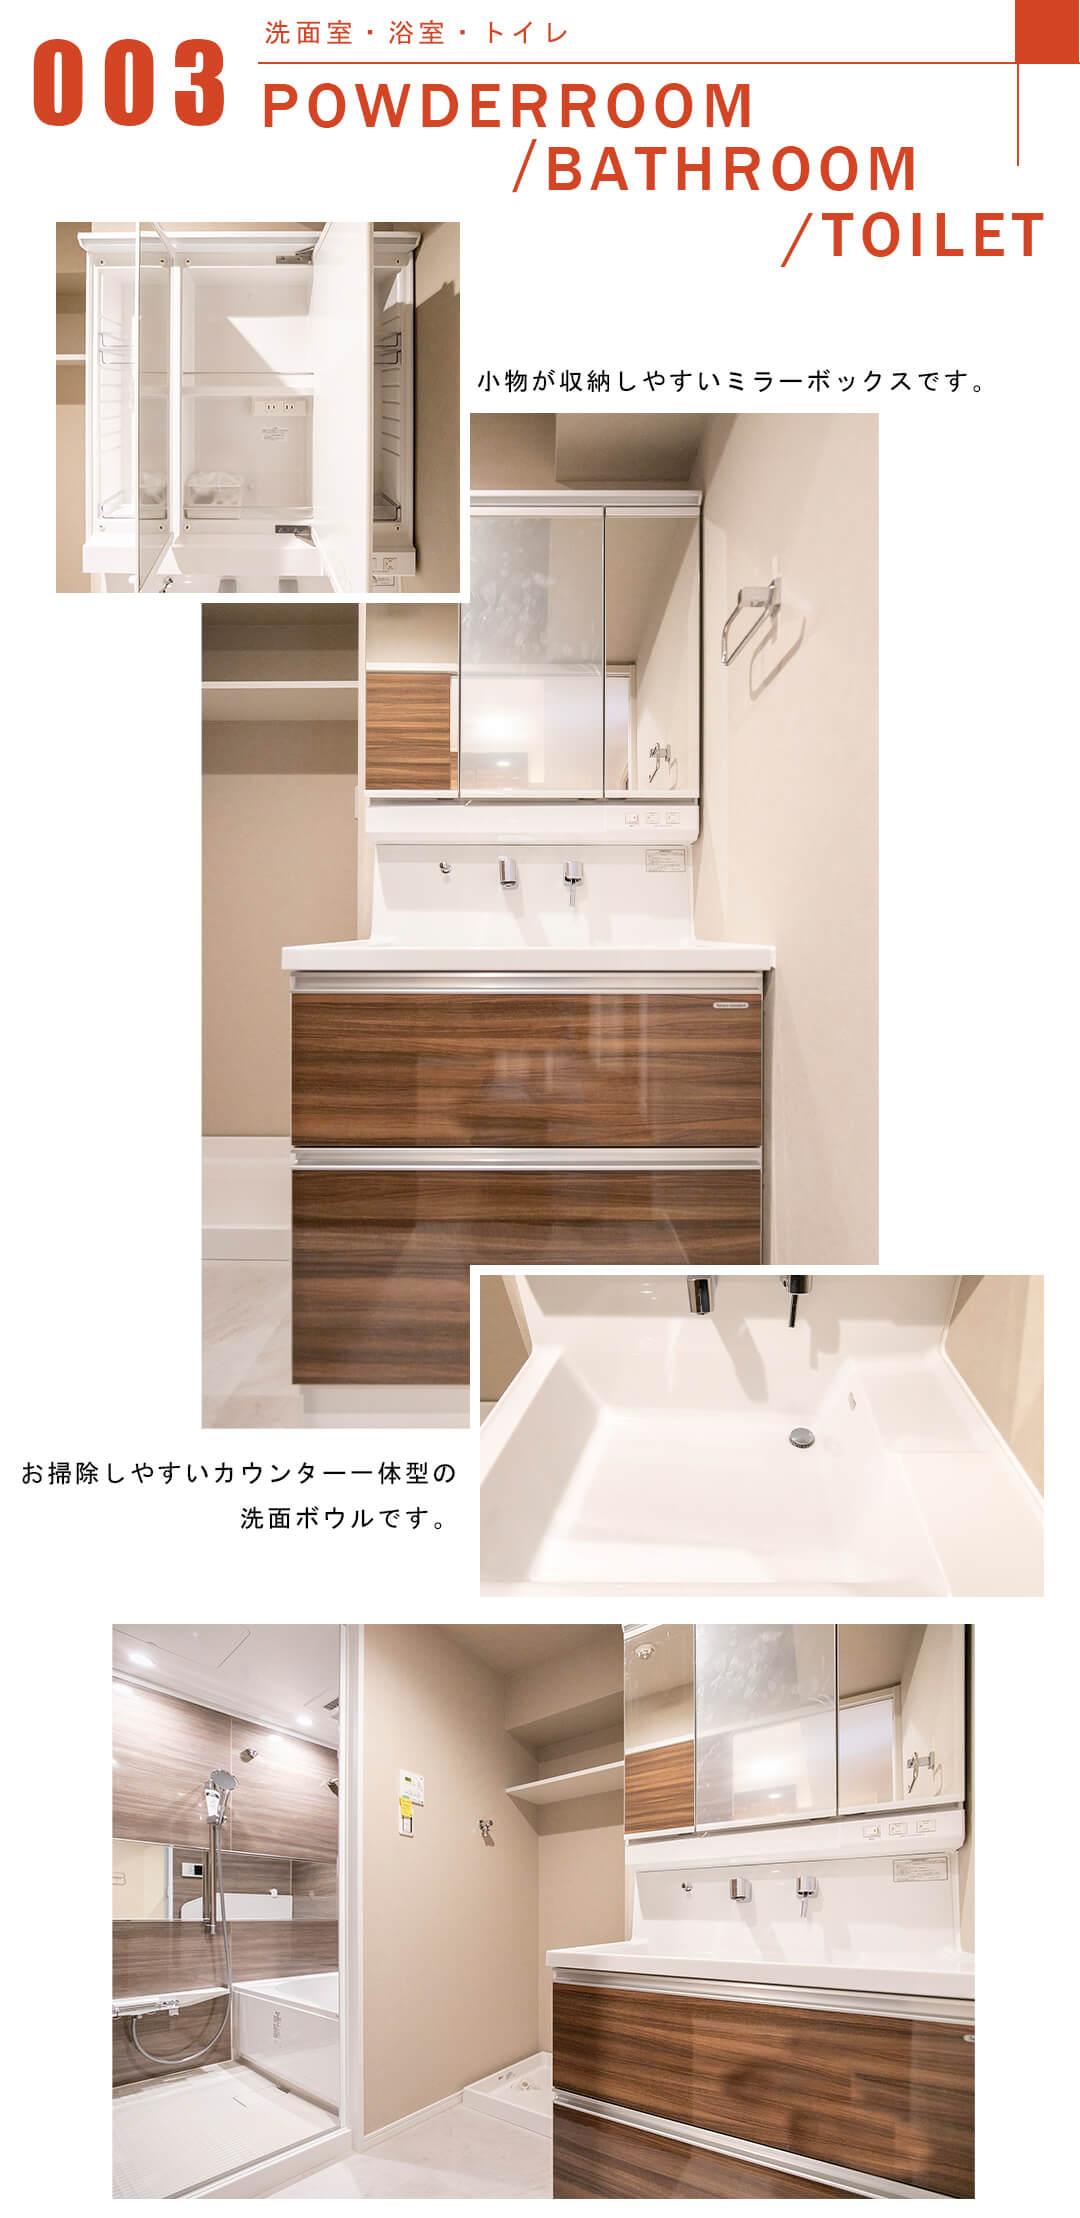 003洗面室,浴室,トイレ,POWDERROOM,BATHROOM,TOILET